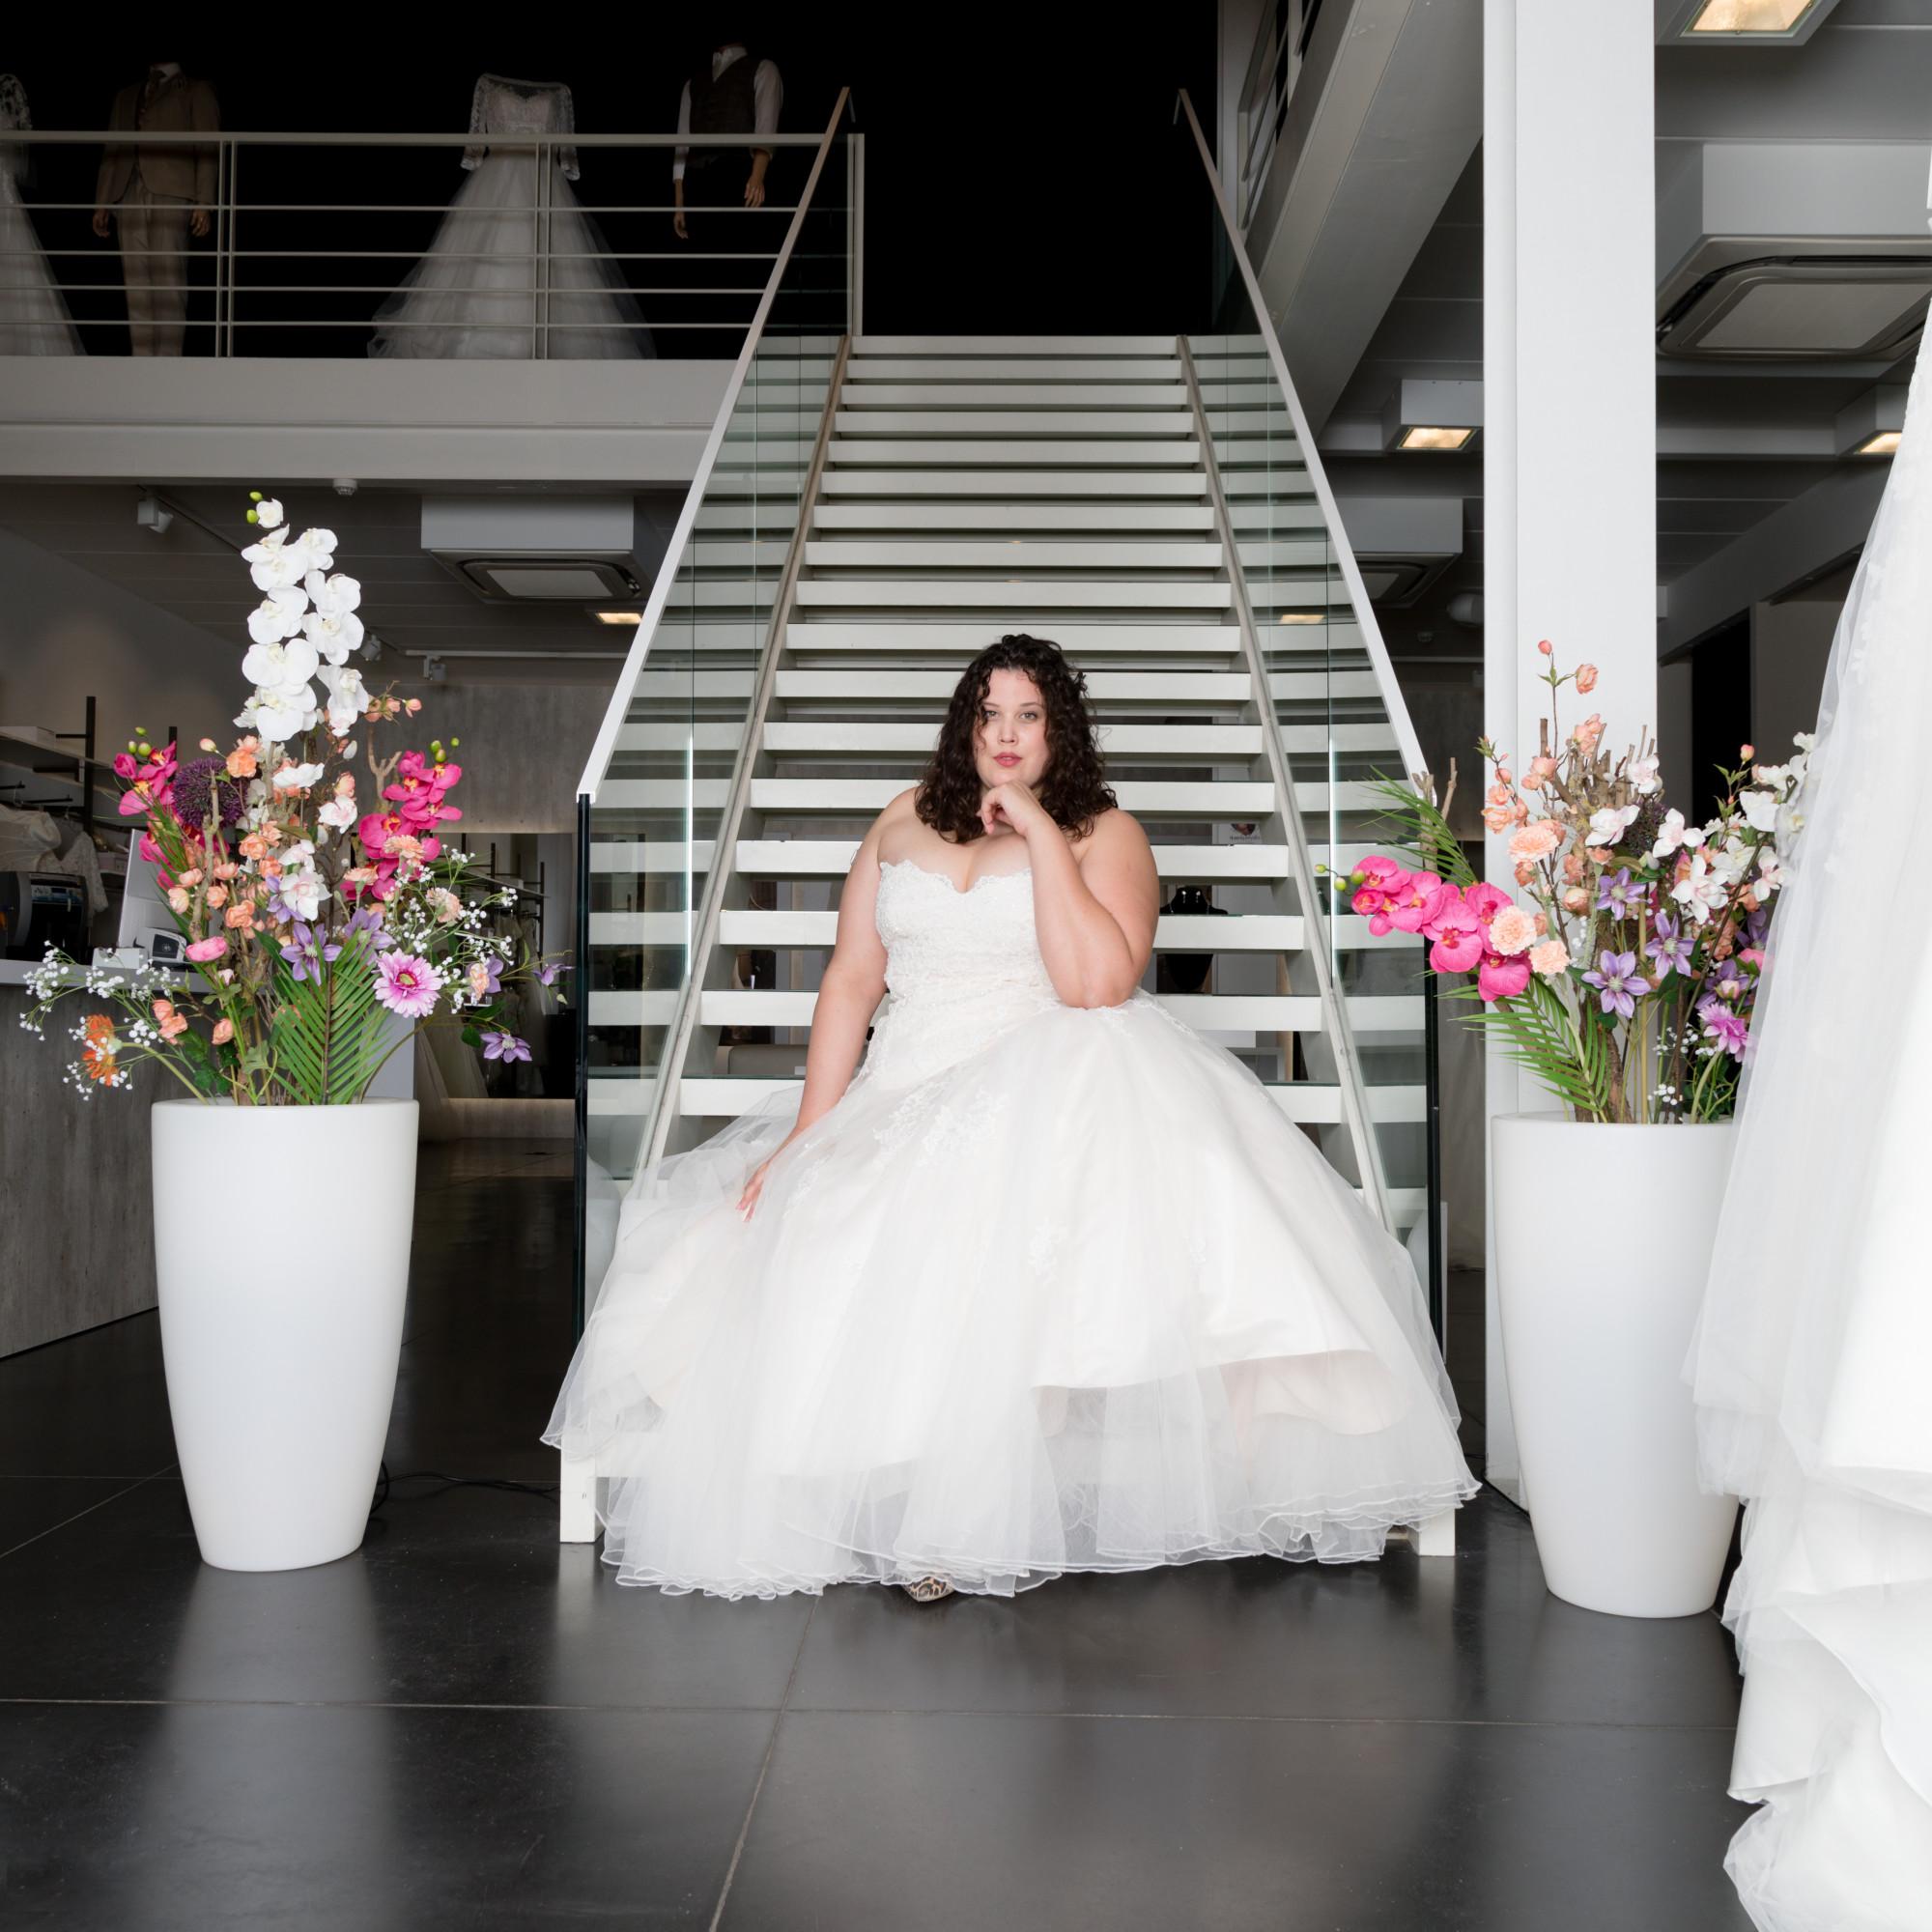 weddingstore_2019-61.jpg